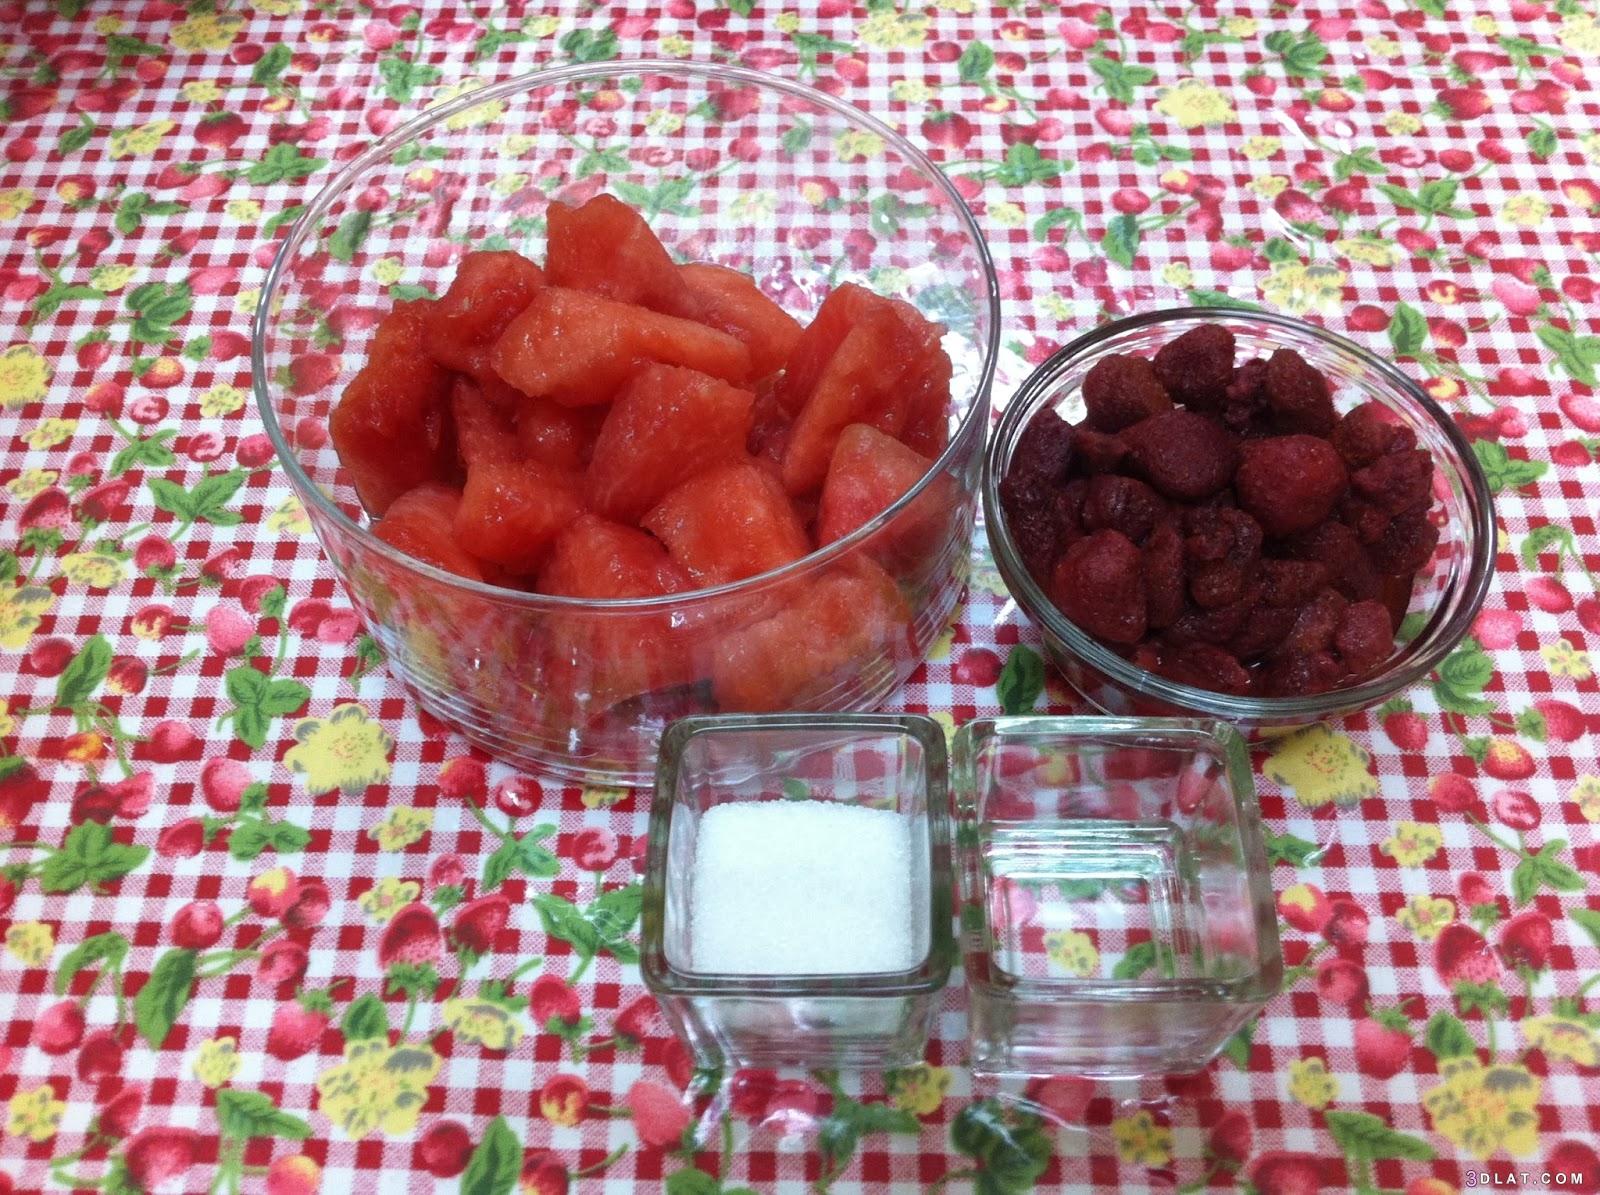 البطيخ, عصير, والفراولة, والفراولة،طريقة